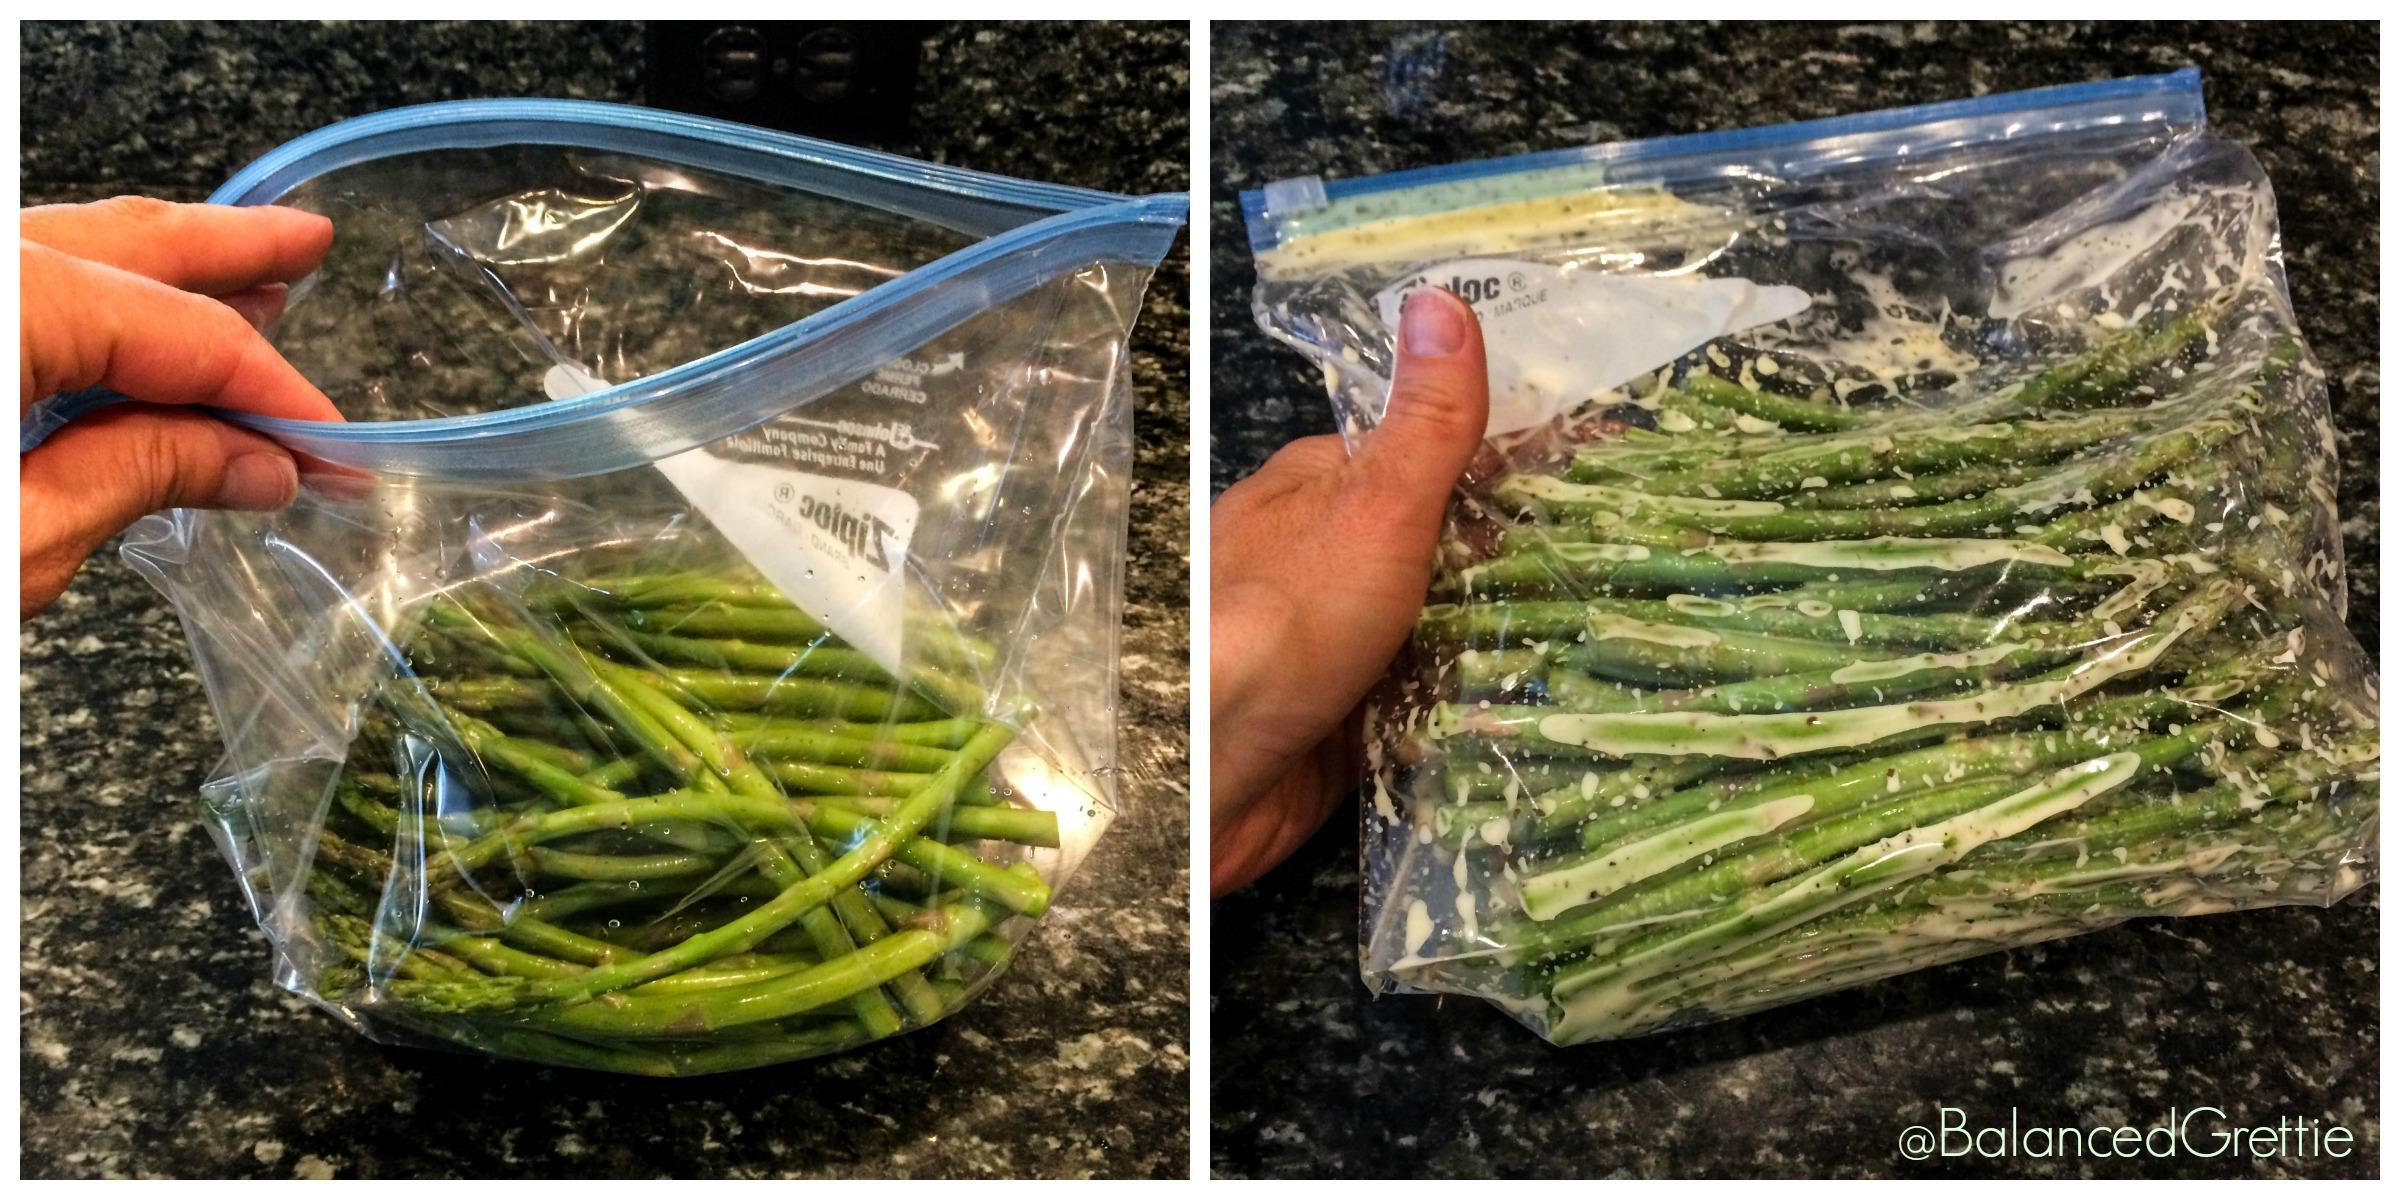 Balanced Grettie Marinating Asparagus in a bag